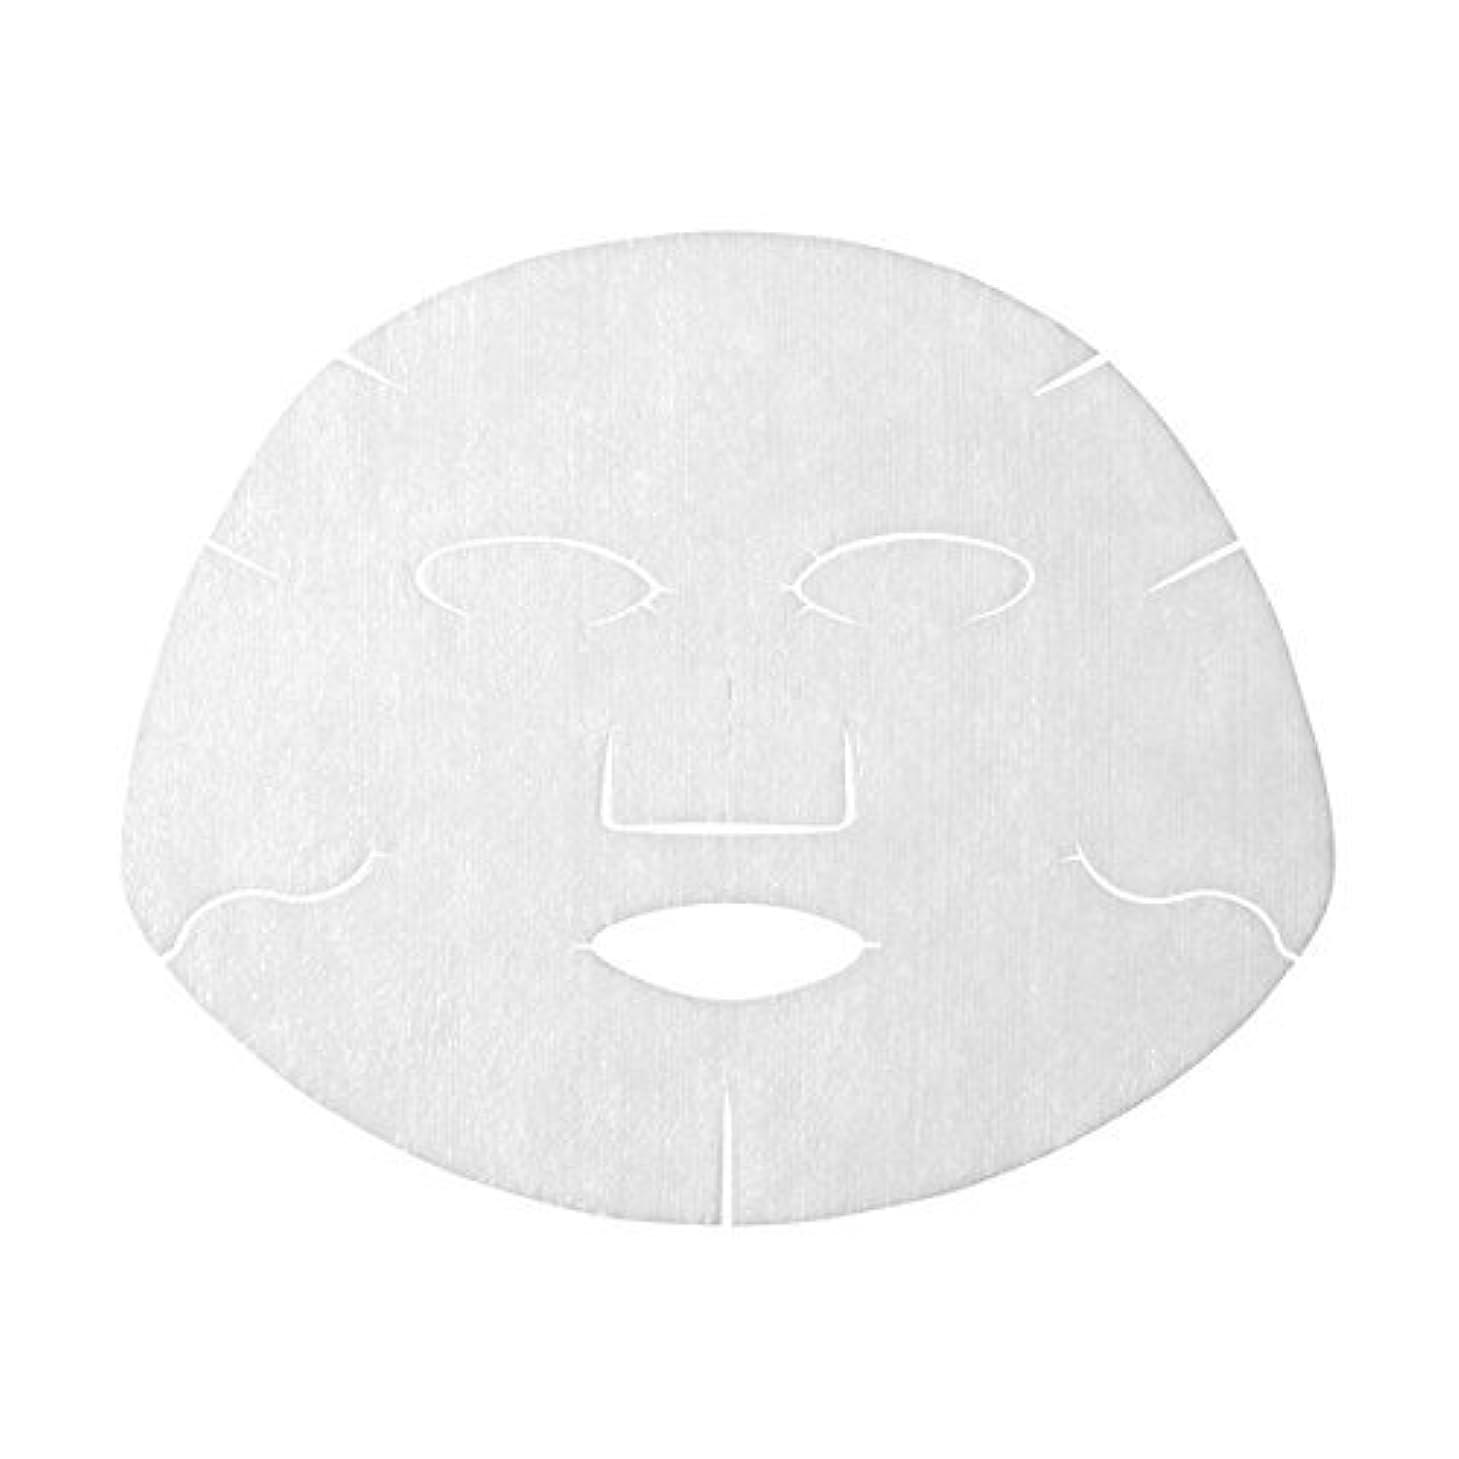 優雅削除するしかしアクアレーベル モイストチャージマスク <1枚入り> 23mLX1枚 ×3個